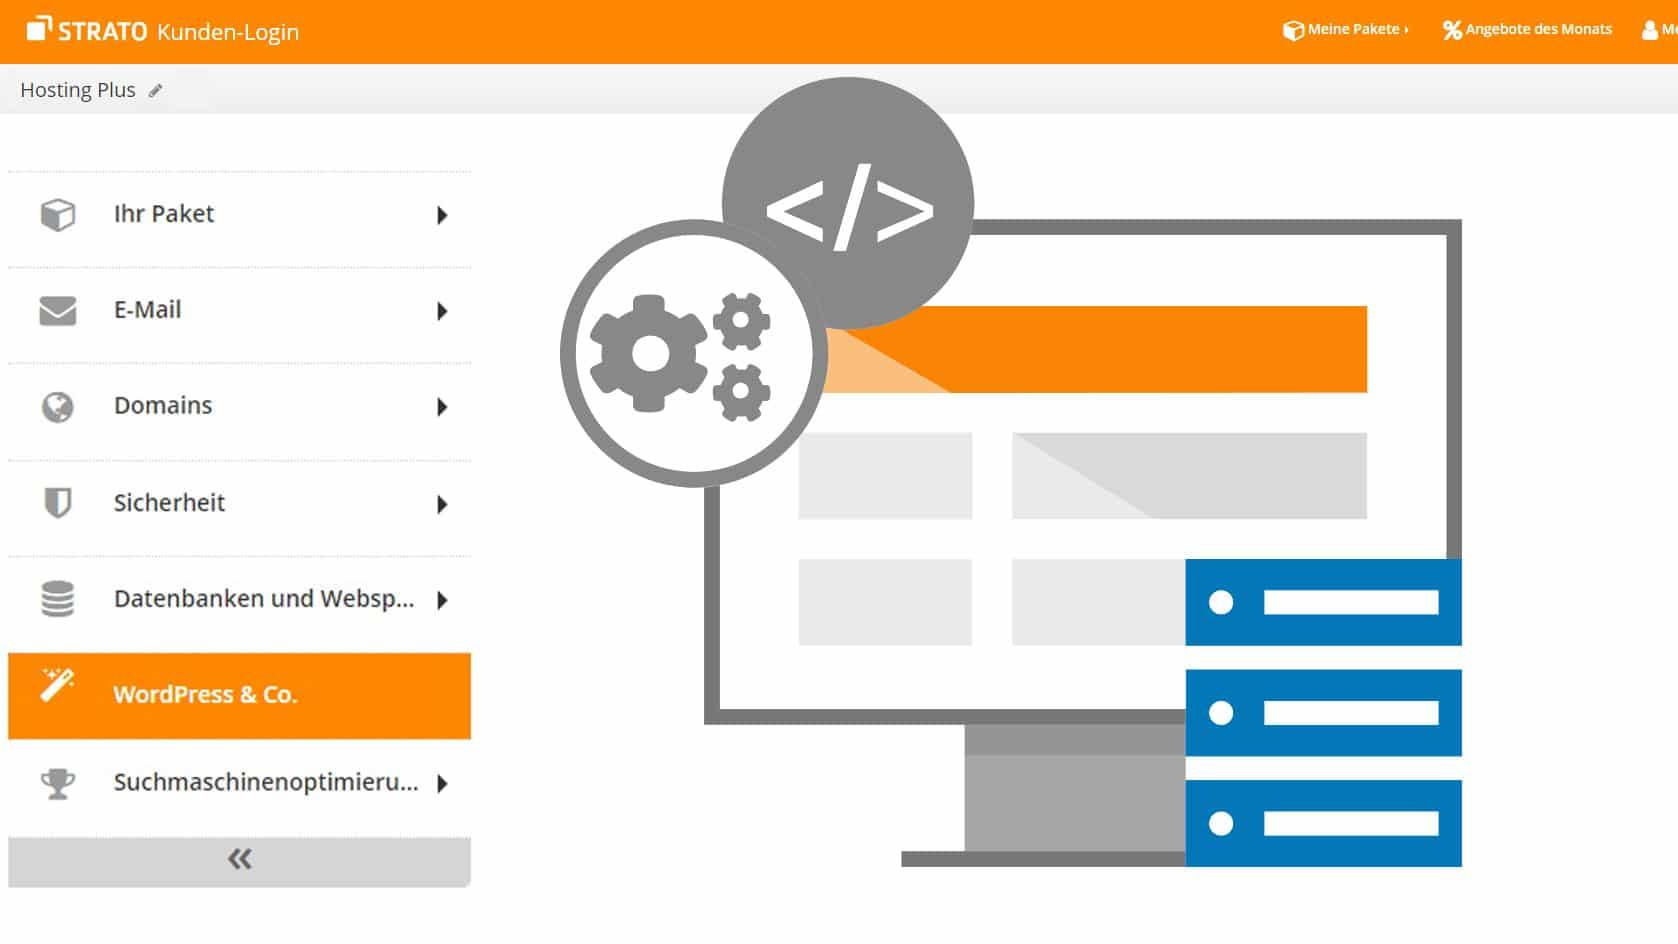 WordPress & Co.: Kostenlose Software mit einem Klick installieren